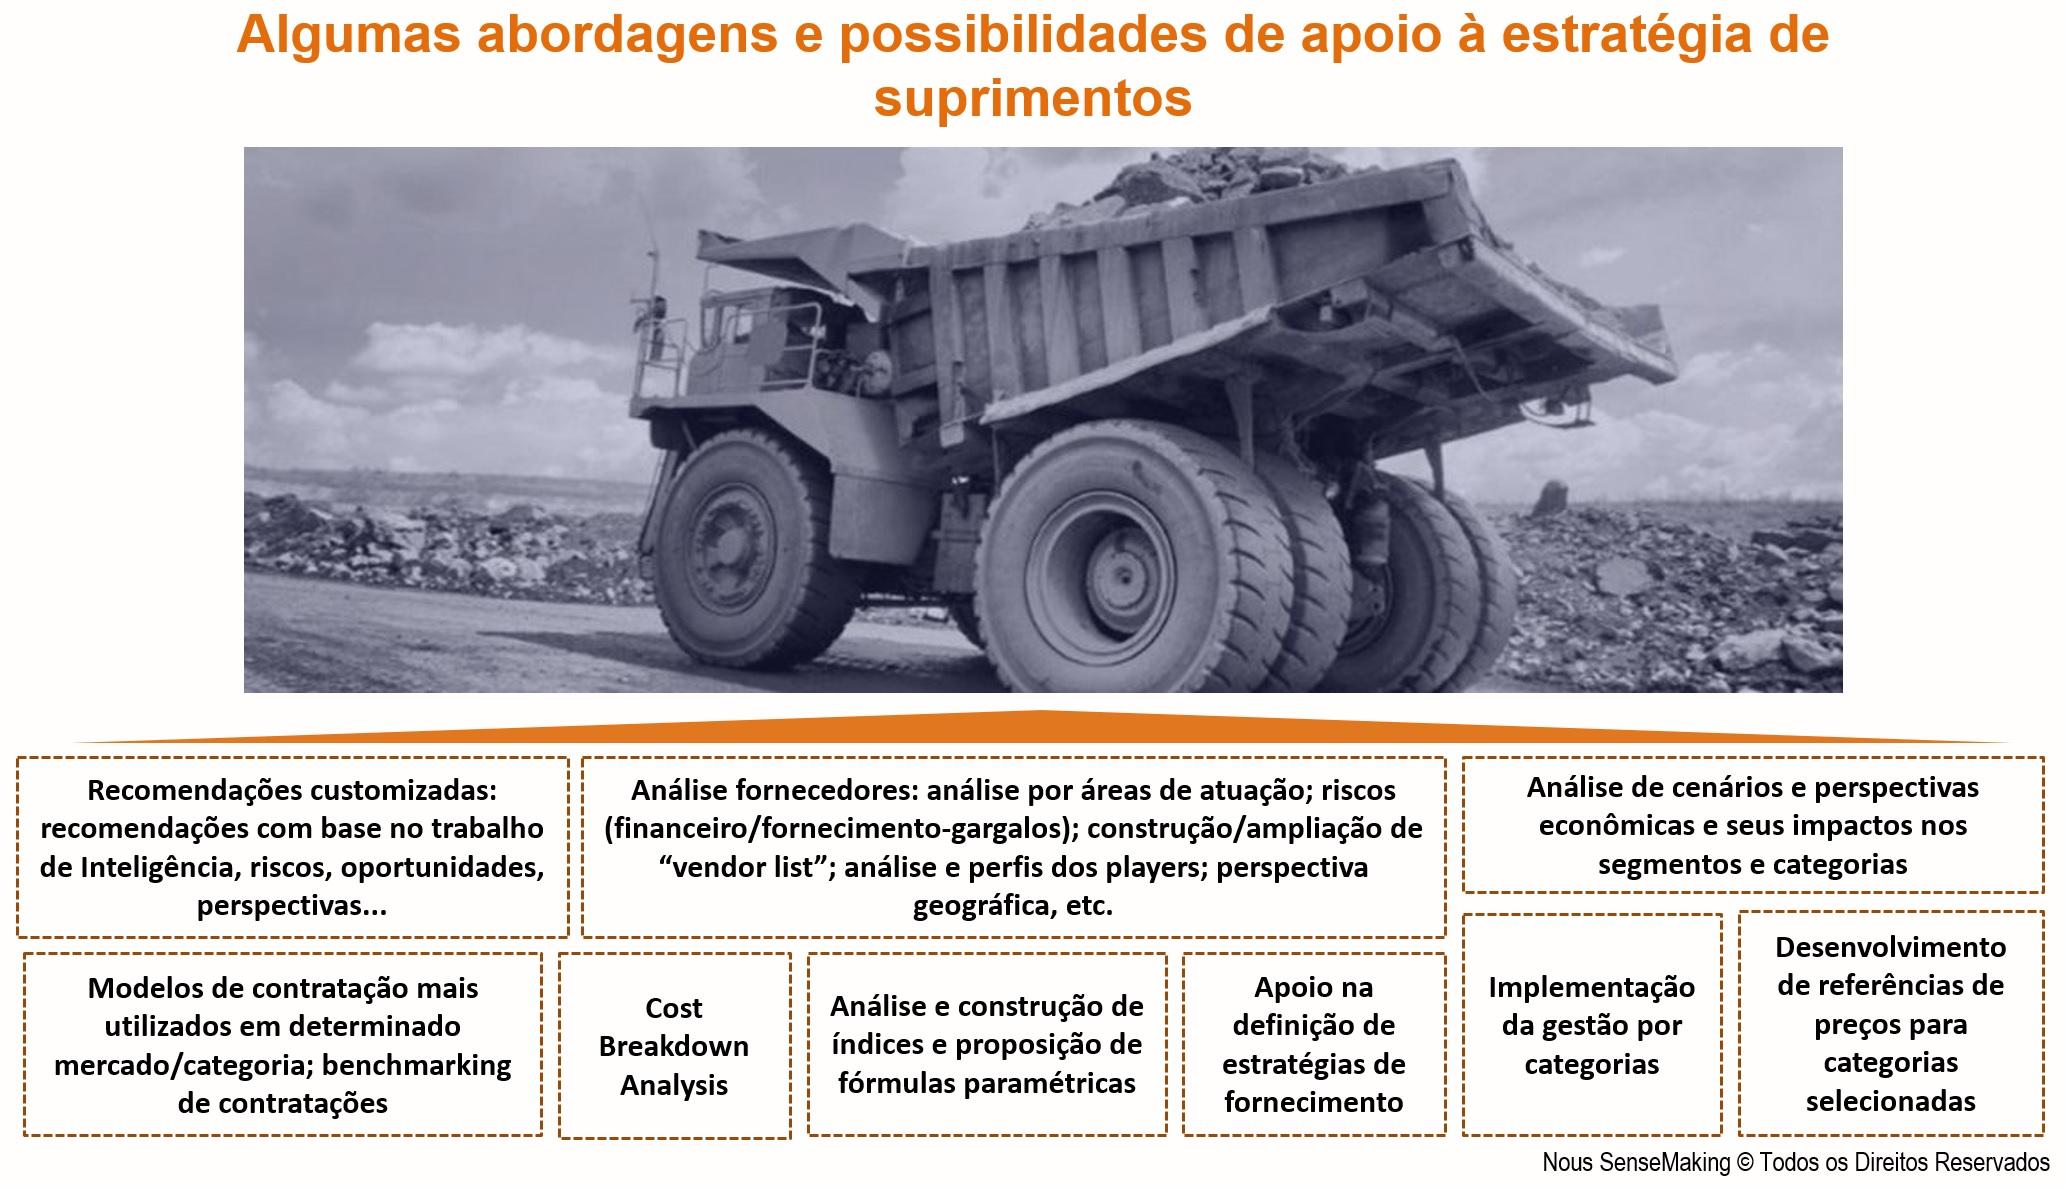 Abordagens e possibilidades de apoio à estratégia de suprimentos